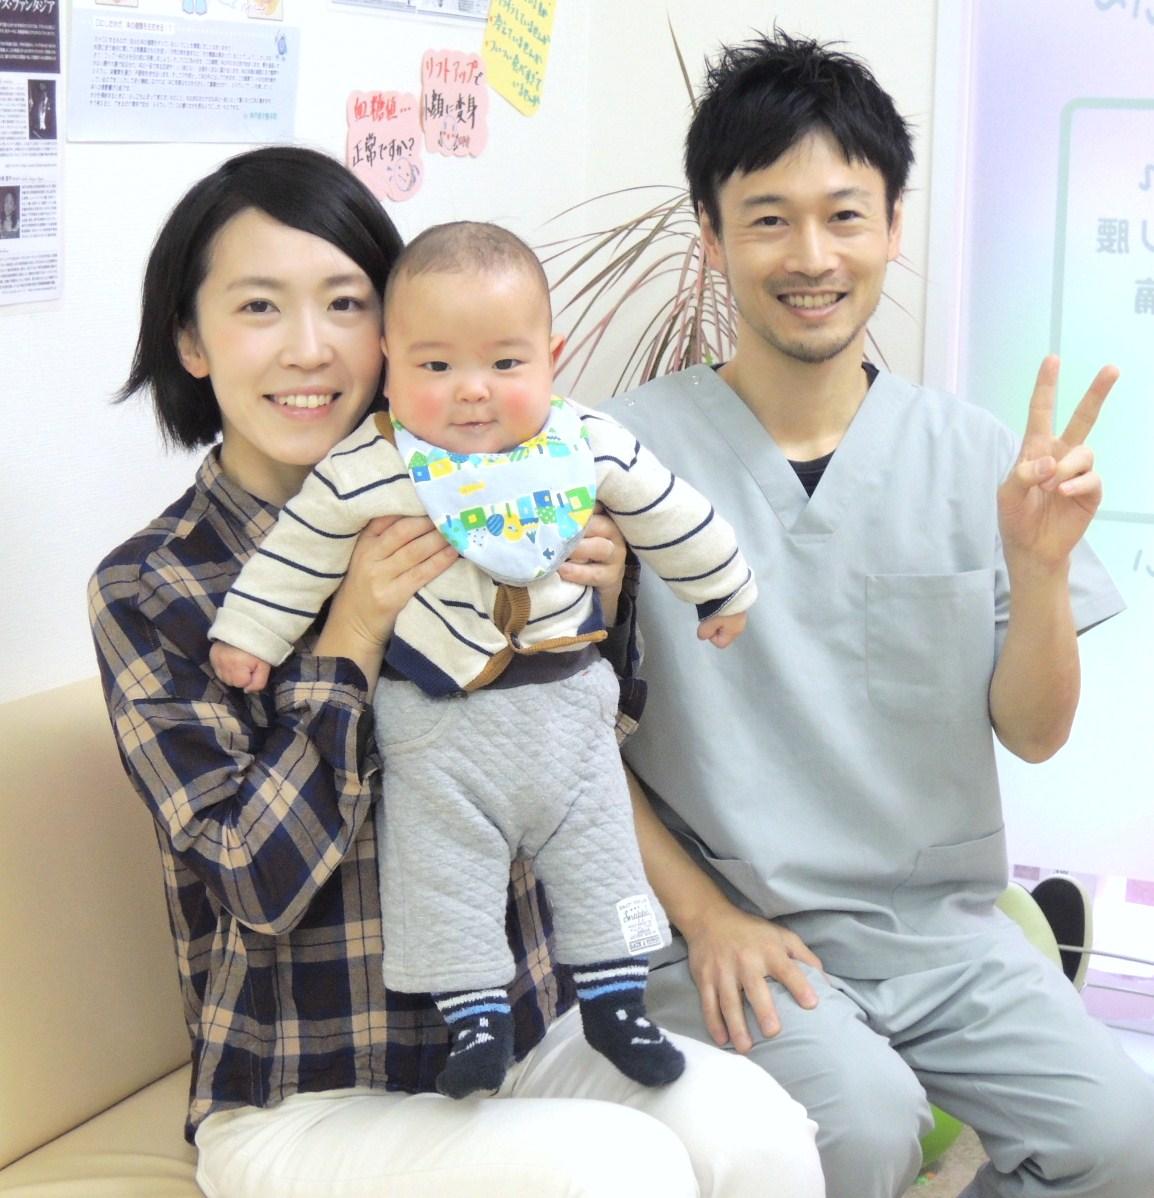 産後の骨盤矯正 神戸市 Sさま 神戸垂水整体院